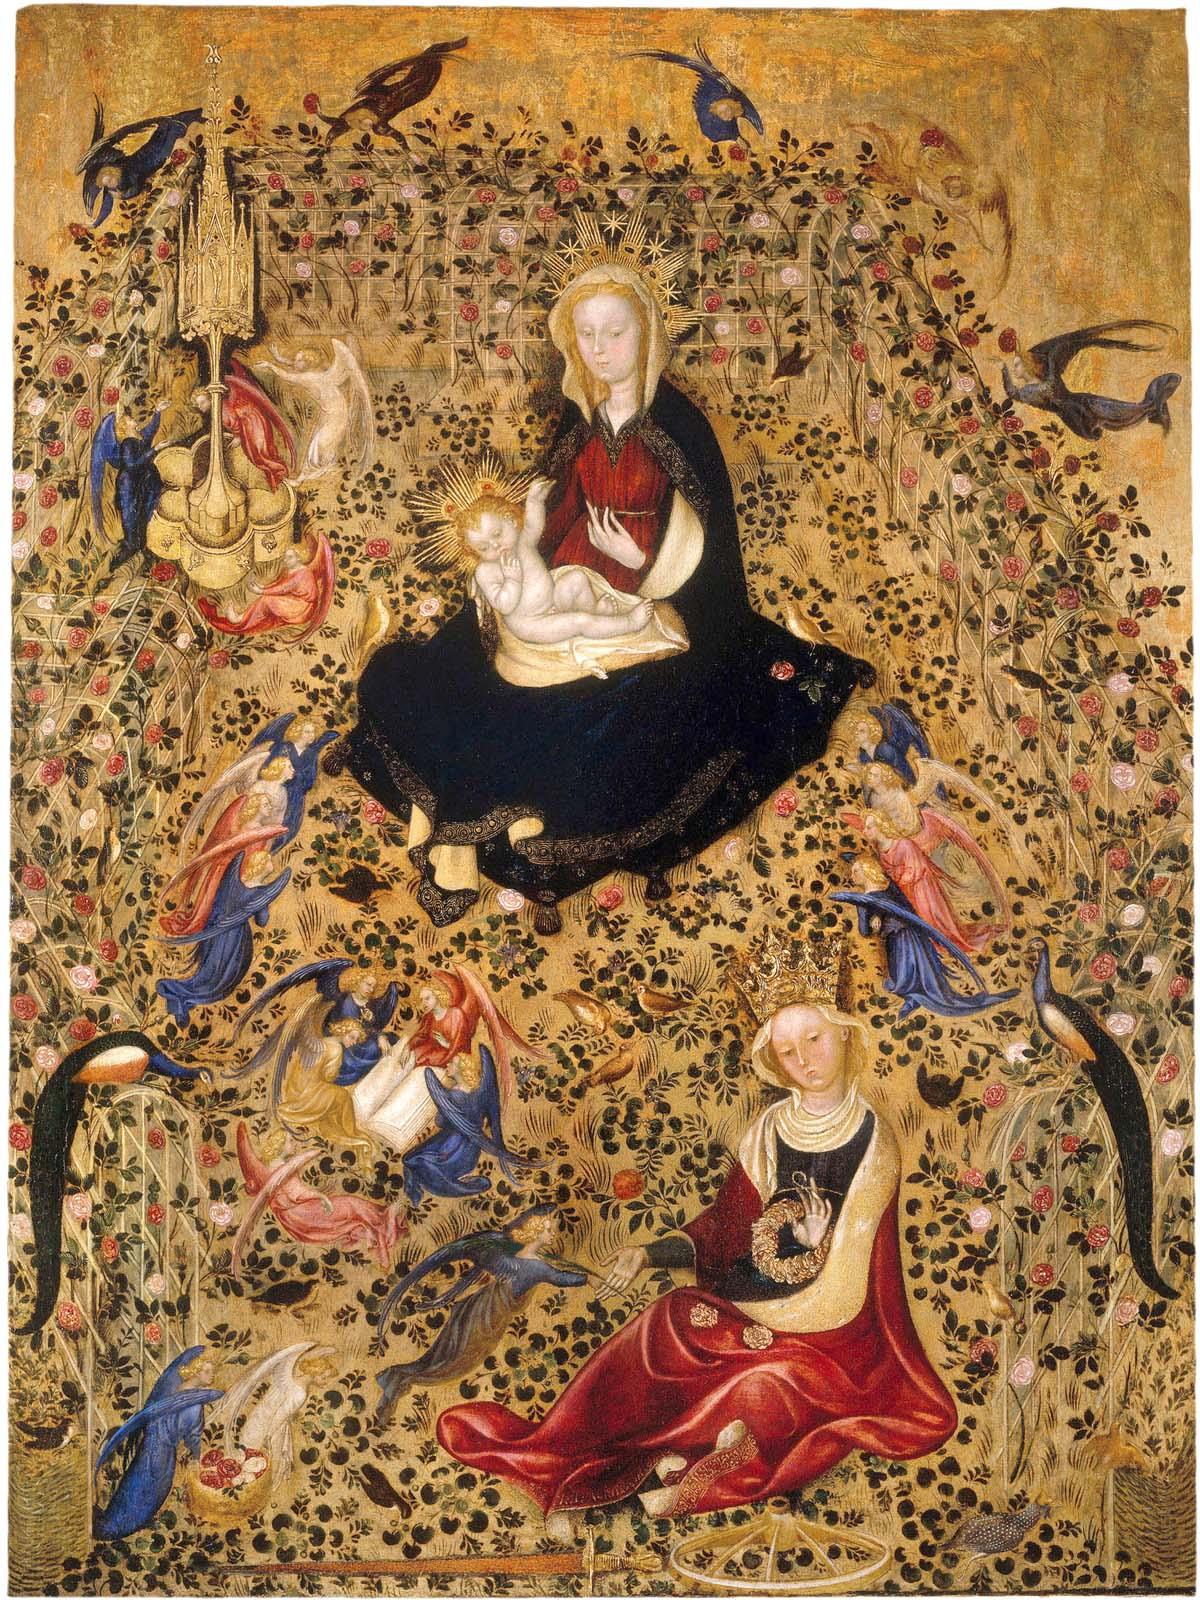 Michelino da Besozzo o Stefano da Zevio, Madonna del roseto, Castelvecchio,Verona